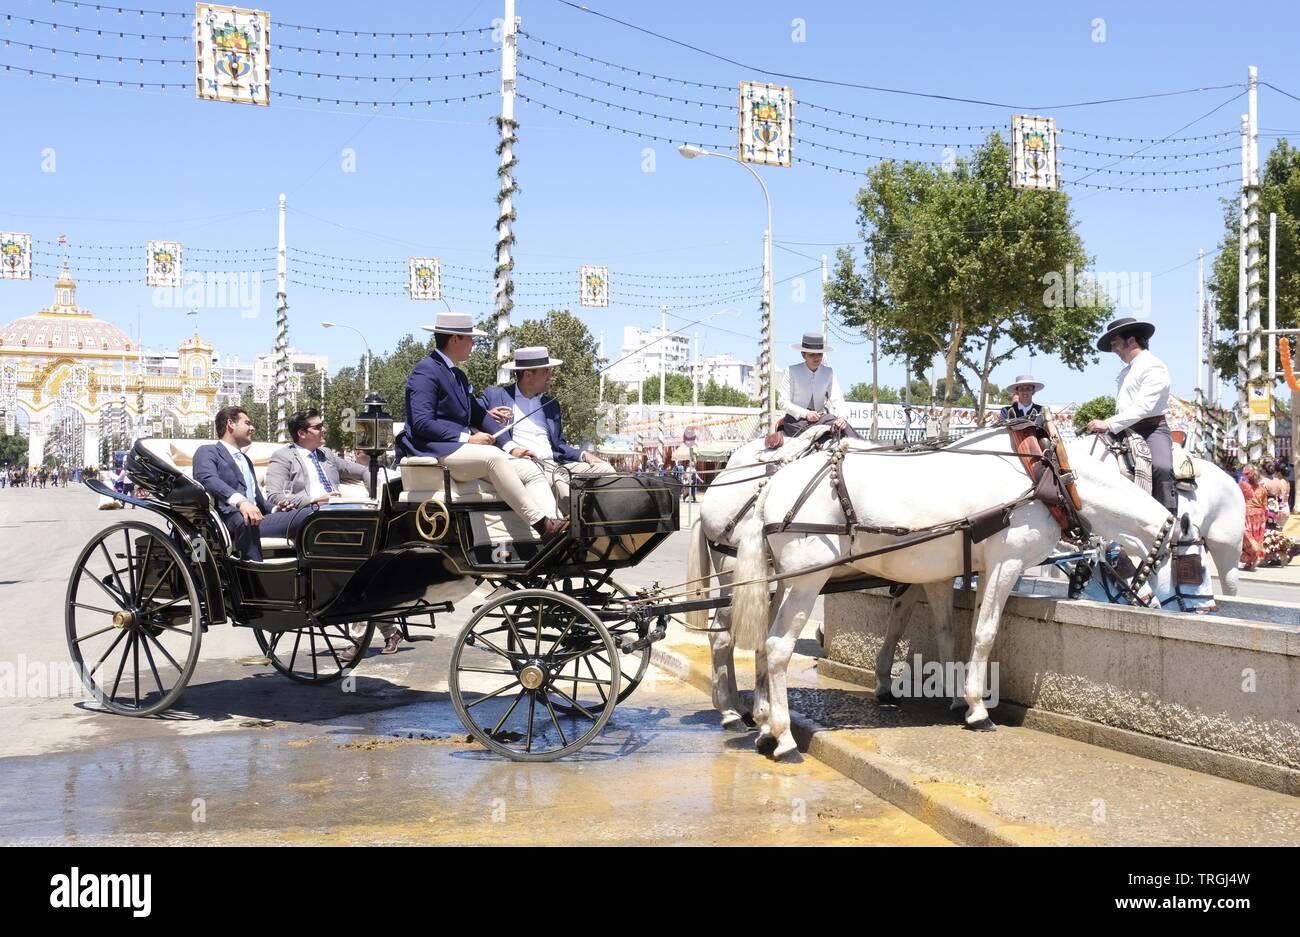 Seville Feria de Abril - Stock Image